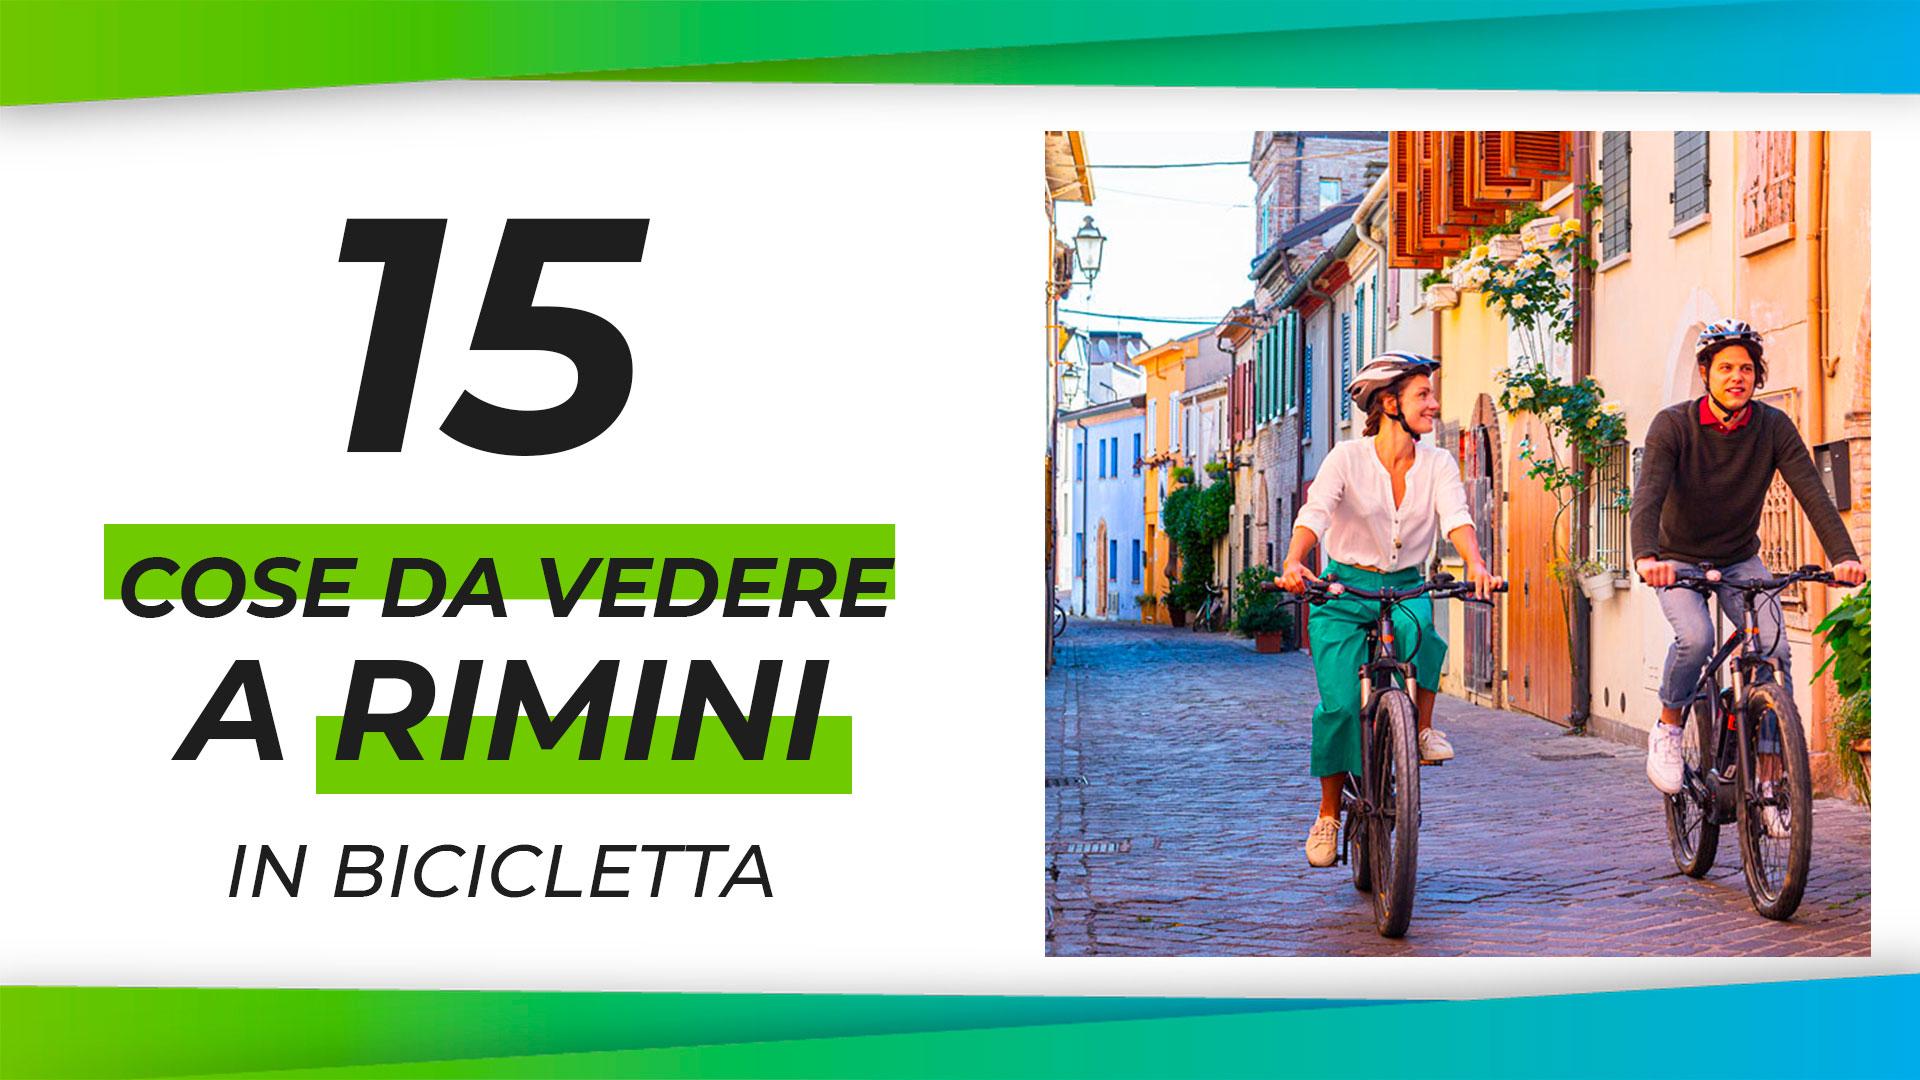 Le 15 cose da vedere a Rimini in bicicletta nel 2021